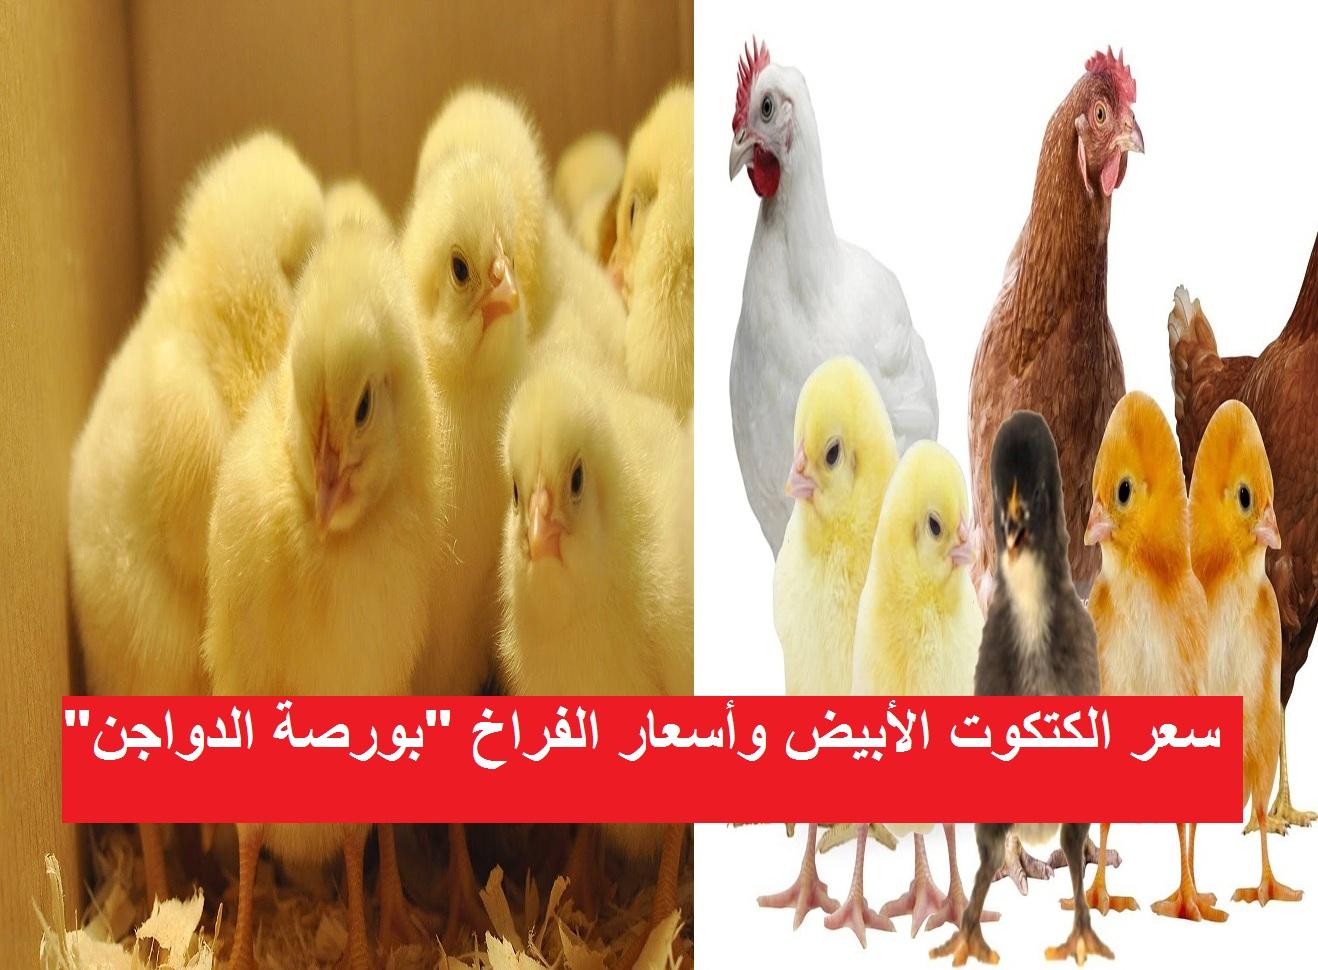 بورصة الدواجن.. سعر الكتكوت الأبيض اليوم الجمعة 26 فبراير وأسعار الفراخ اليوم